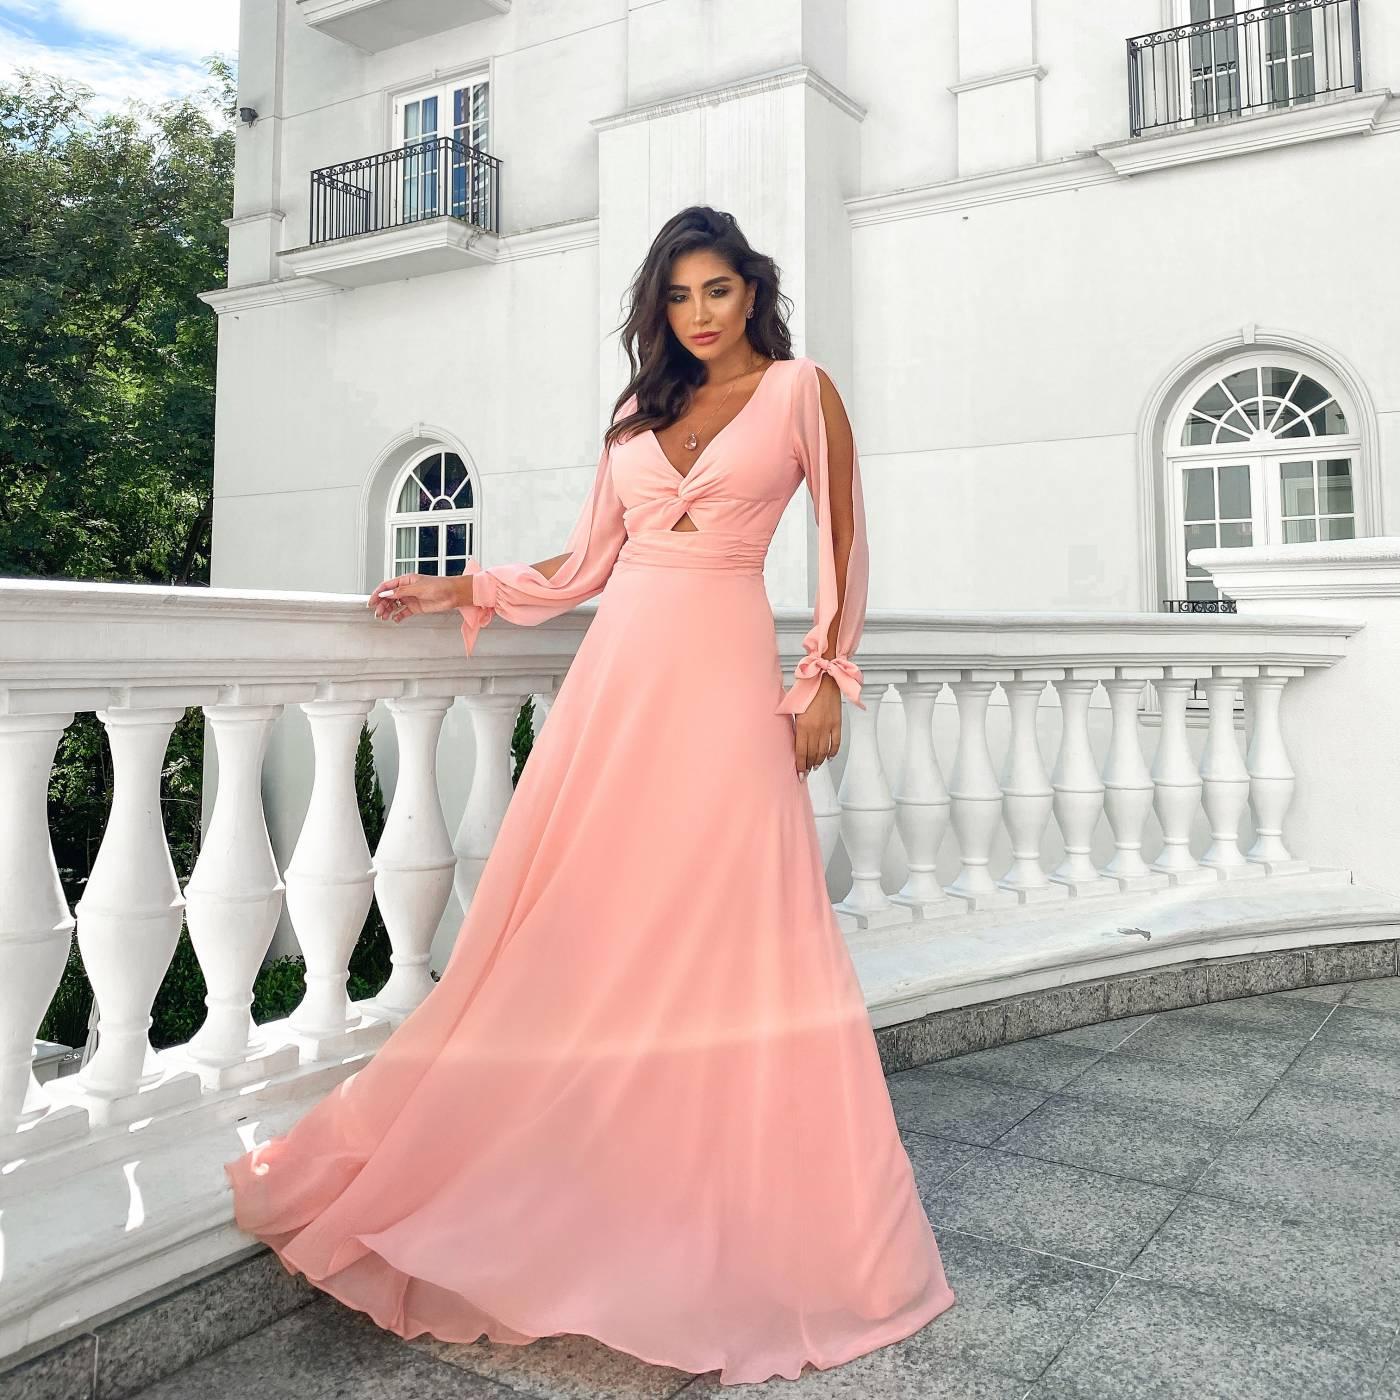 Vestido Barbara  - Empório NM